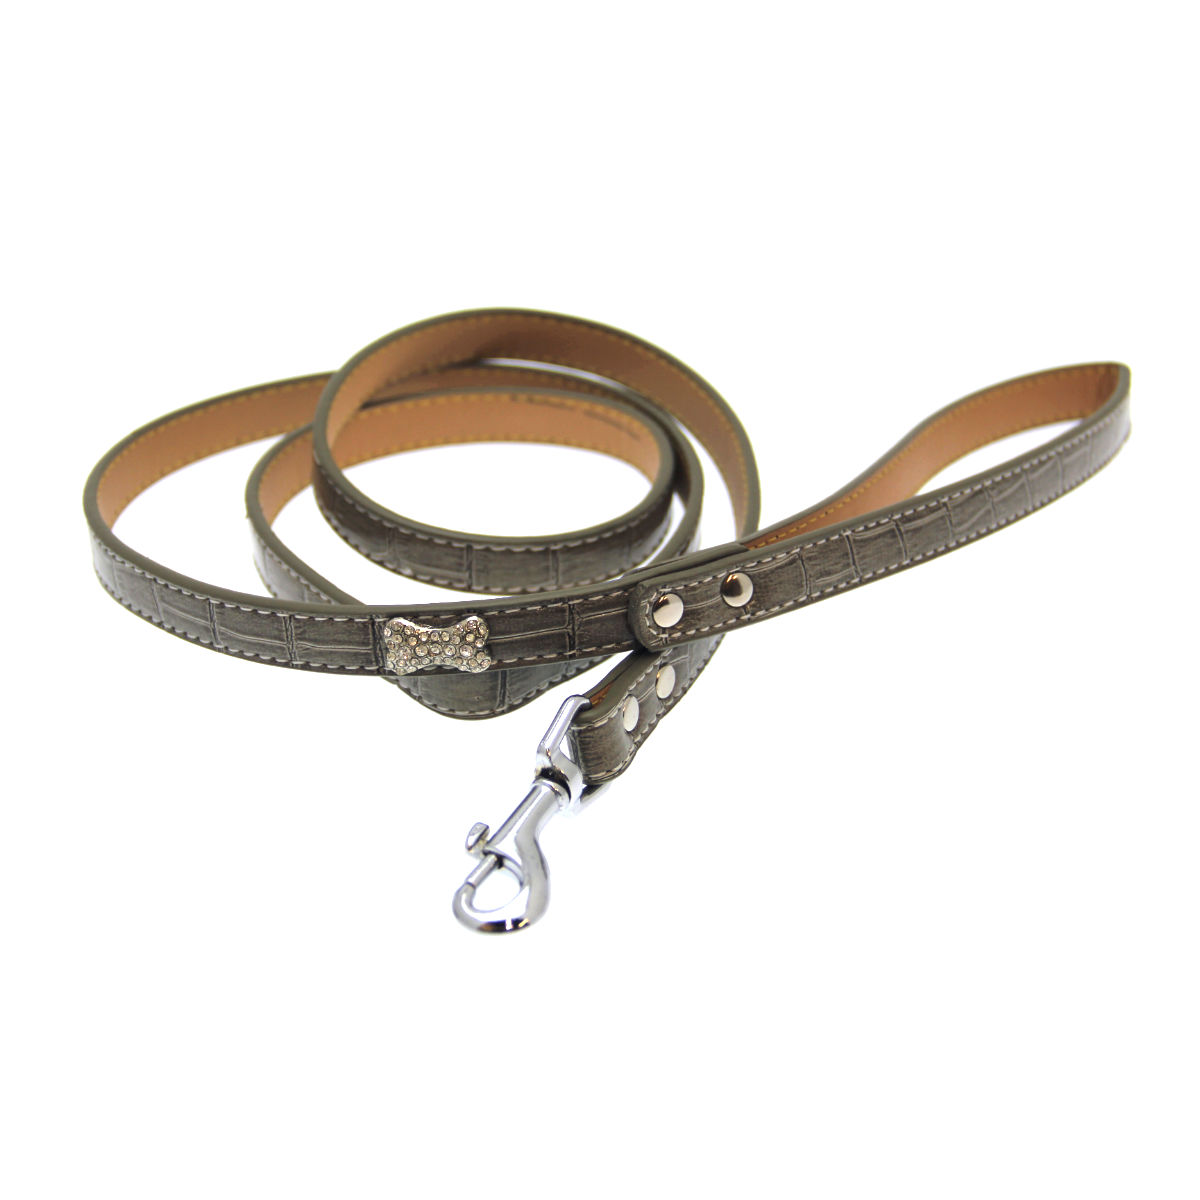 Crystal Bone Leather Dog Leash - Gray